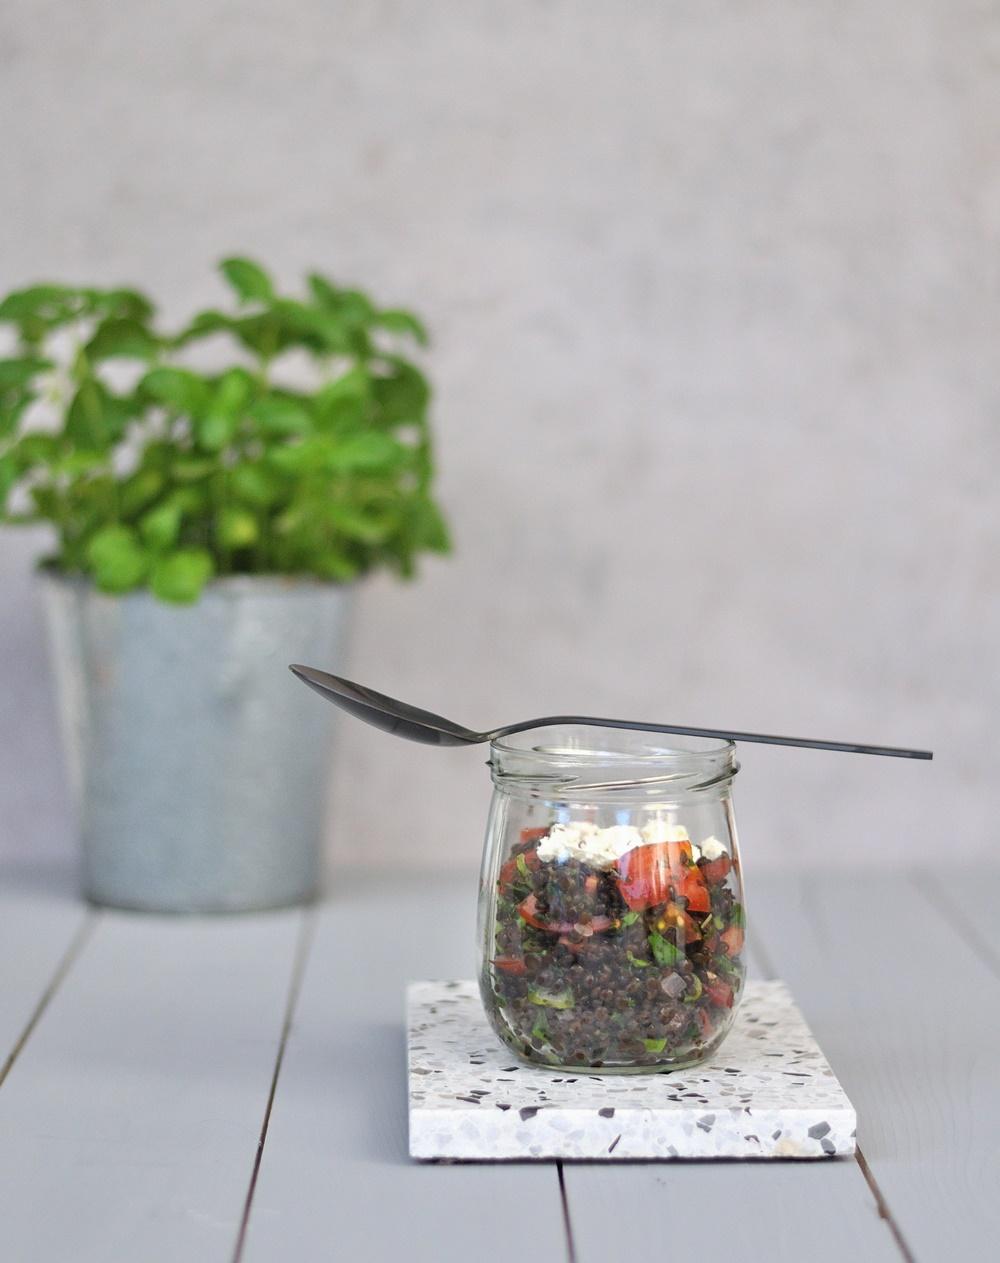 schwarzer Linsensalat im Glas